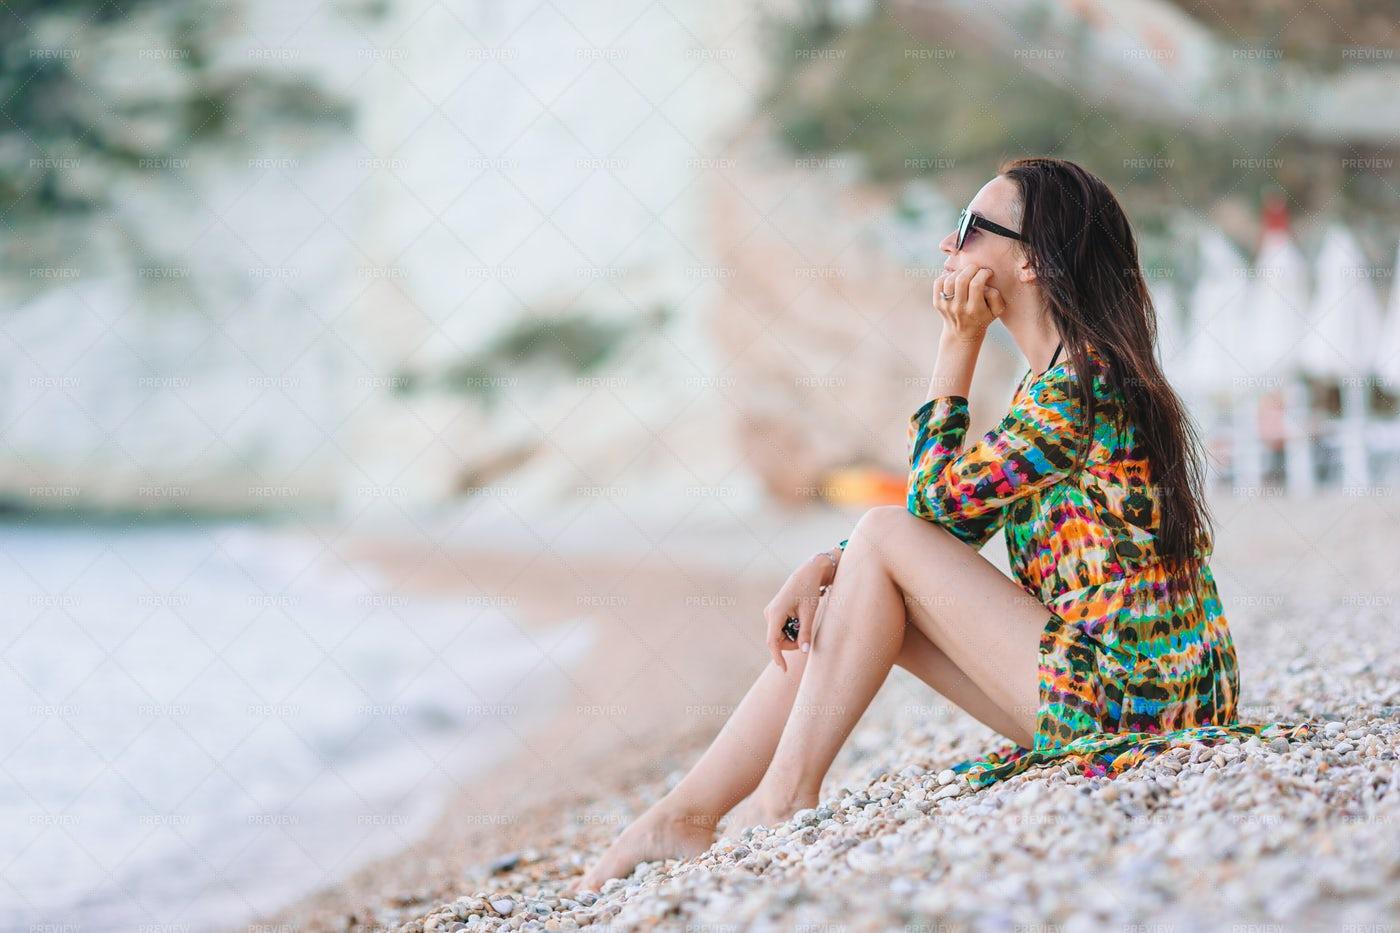 Pensive Woman On Shore: Stock Photos